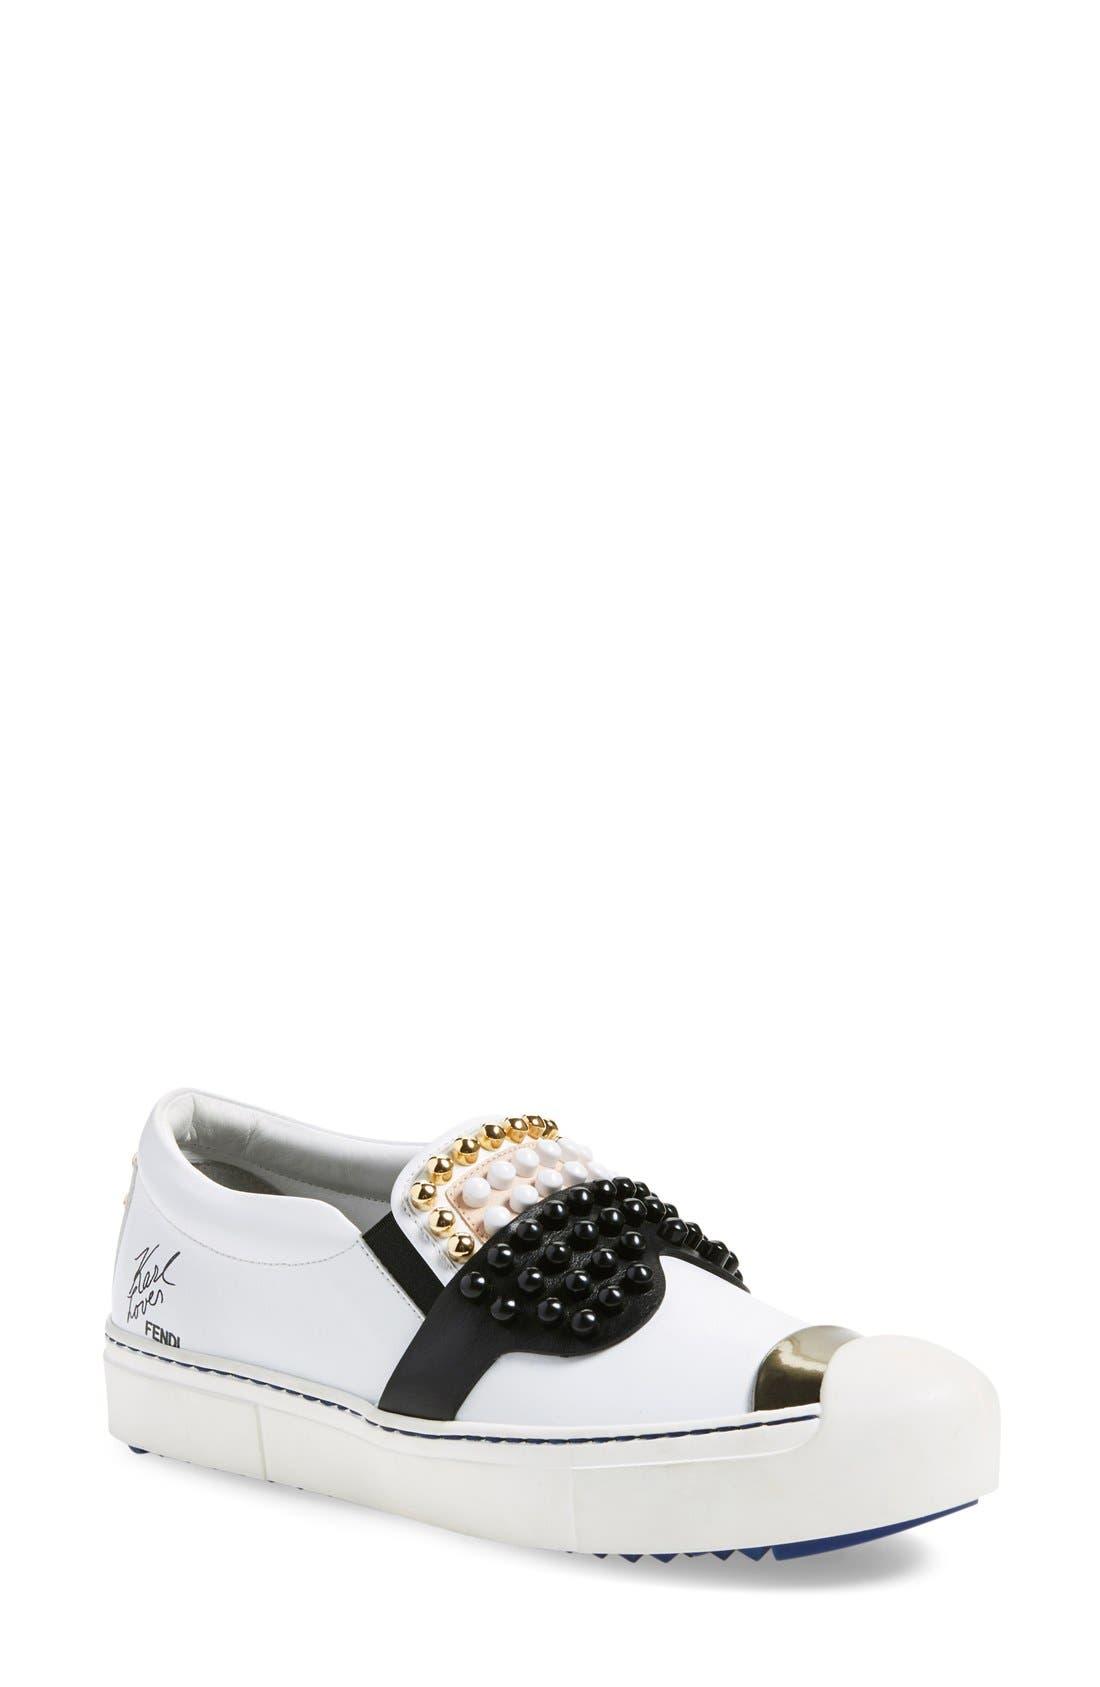 Alternate Image 1 Selected - Fendi 'Karlito' Slip-On Sneaker (Women)